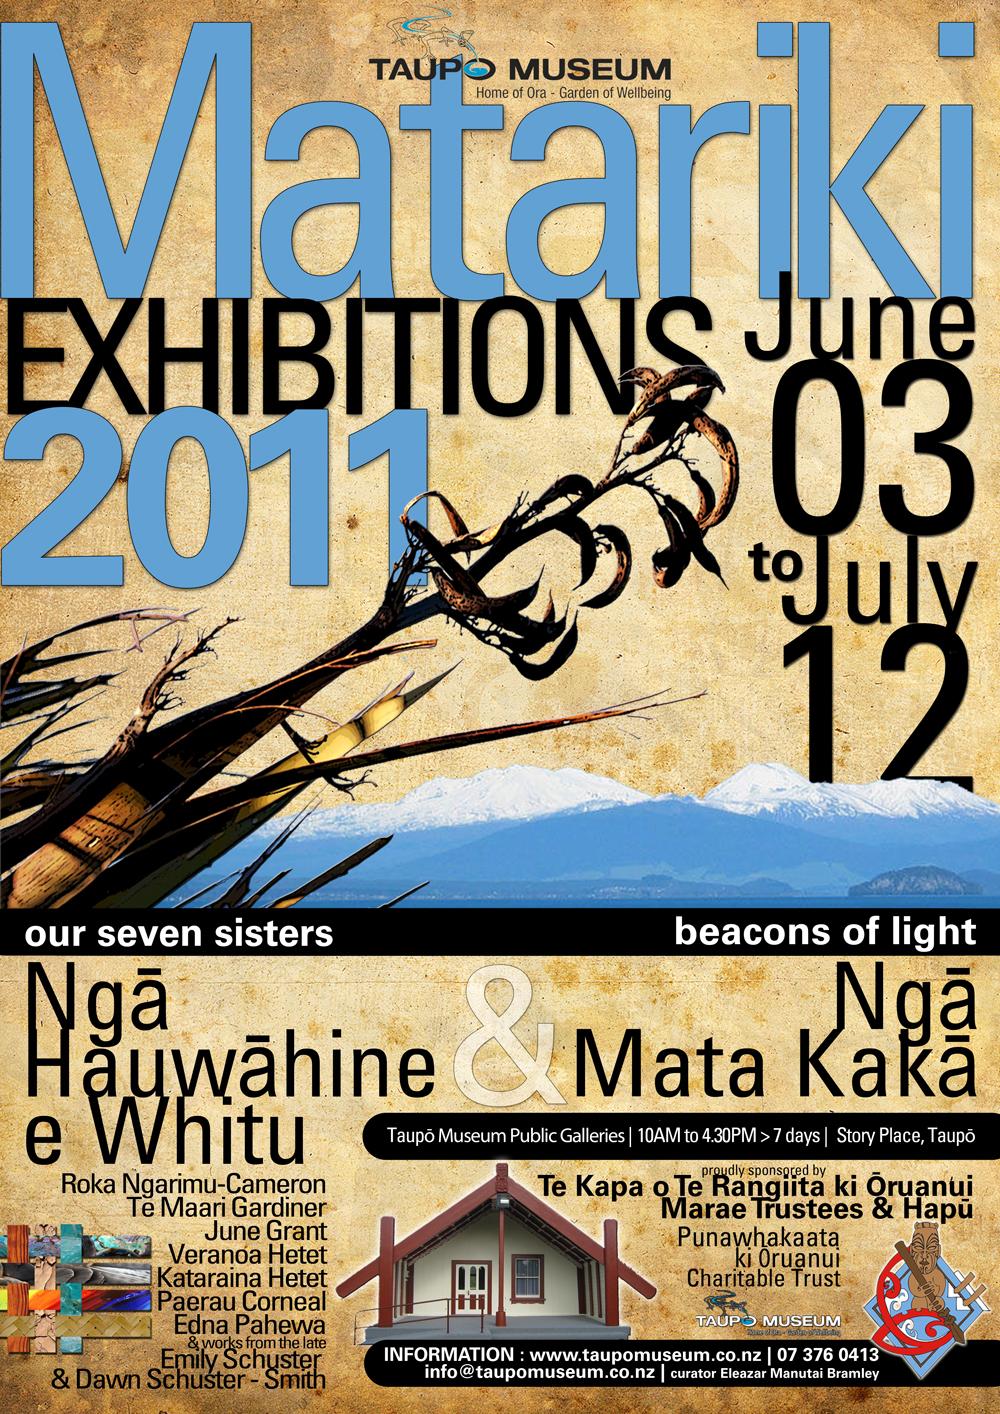 MATARIKI EXHIBITIONS Taupō Museum June 03 to July 12